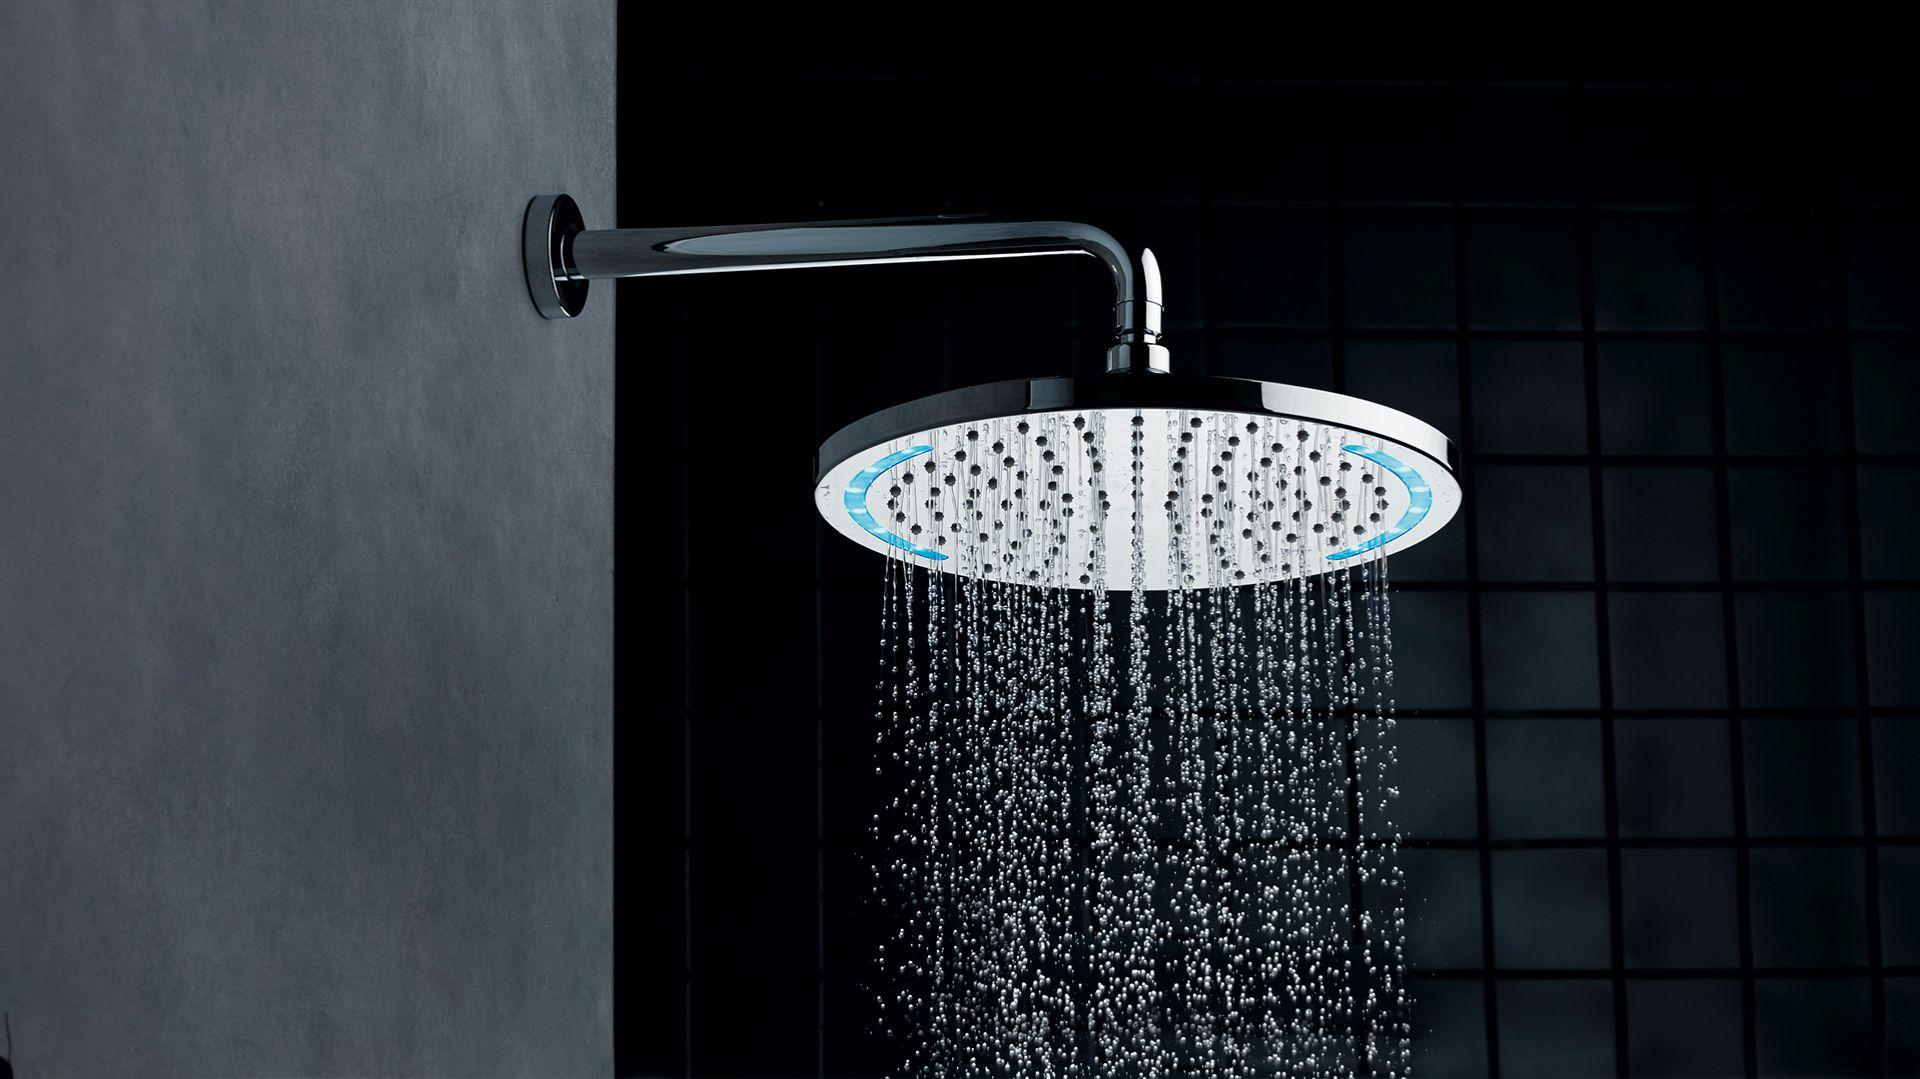 Głowica prysznicowa z funkcją LED, Nikles Technolight. Produkt zgłoszony do konkursu Dobry Design 2020.